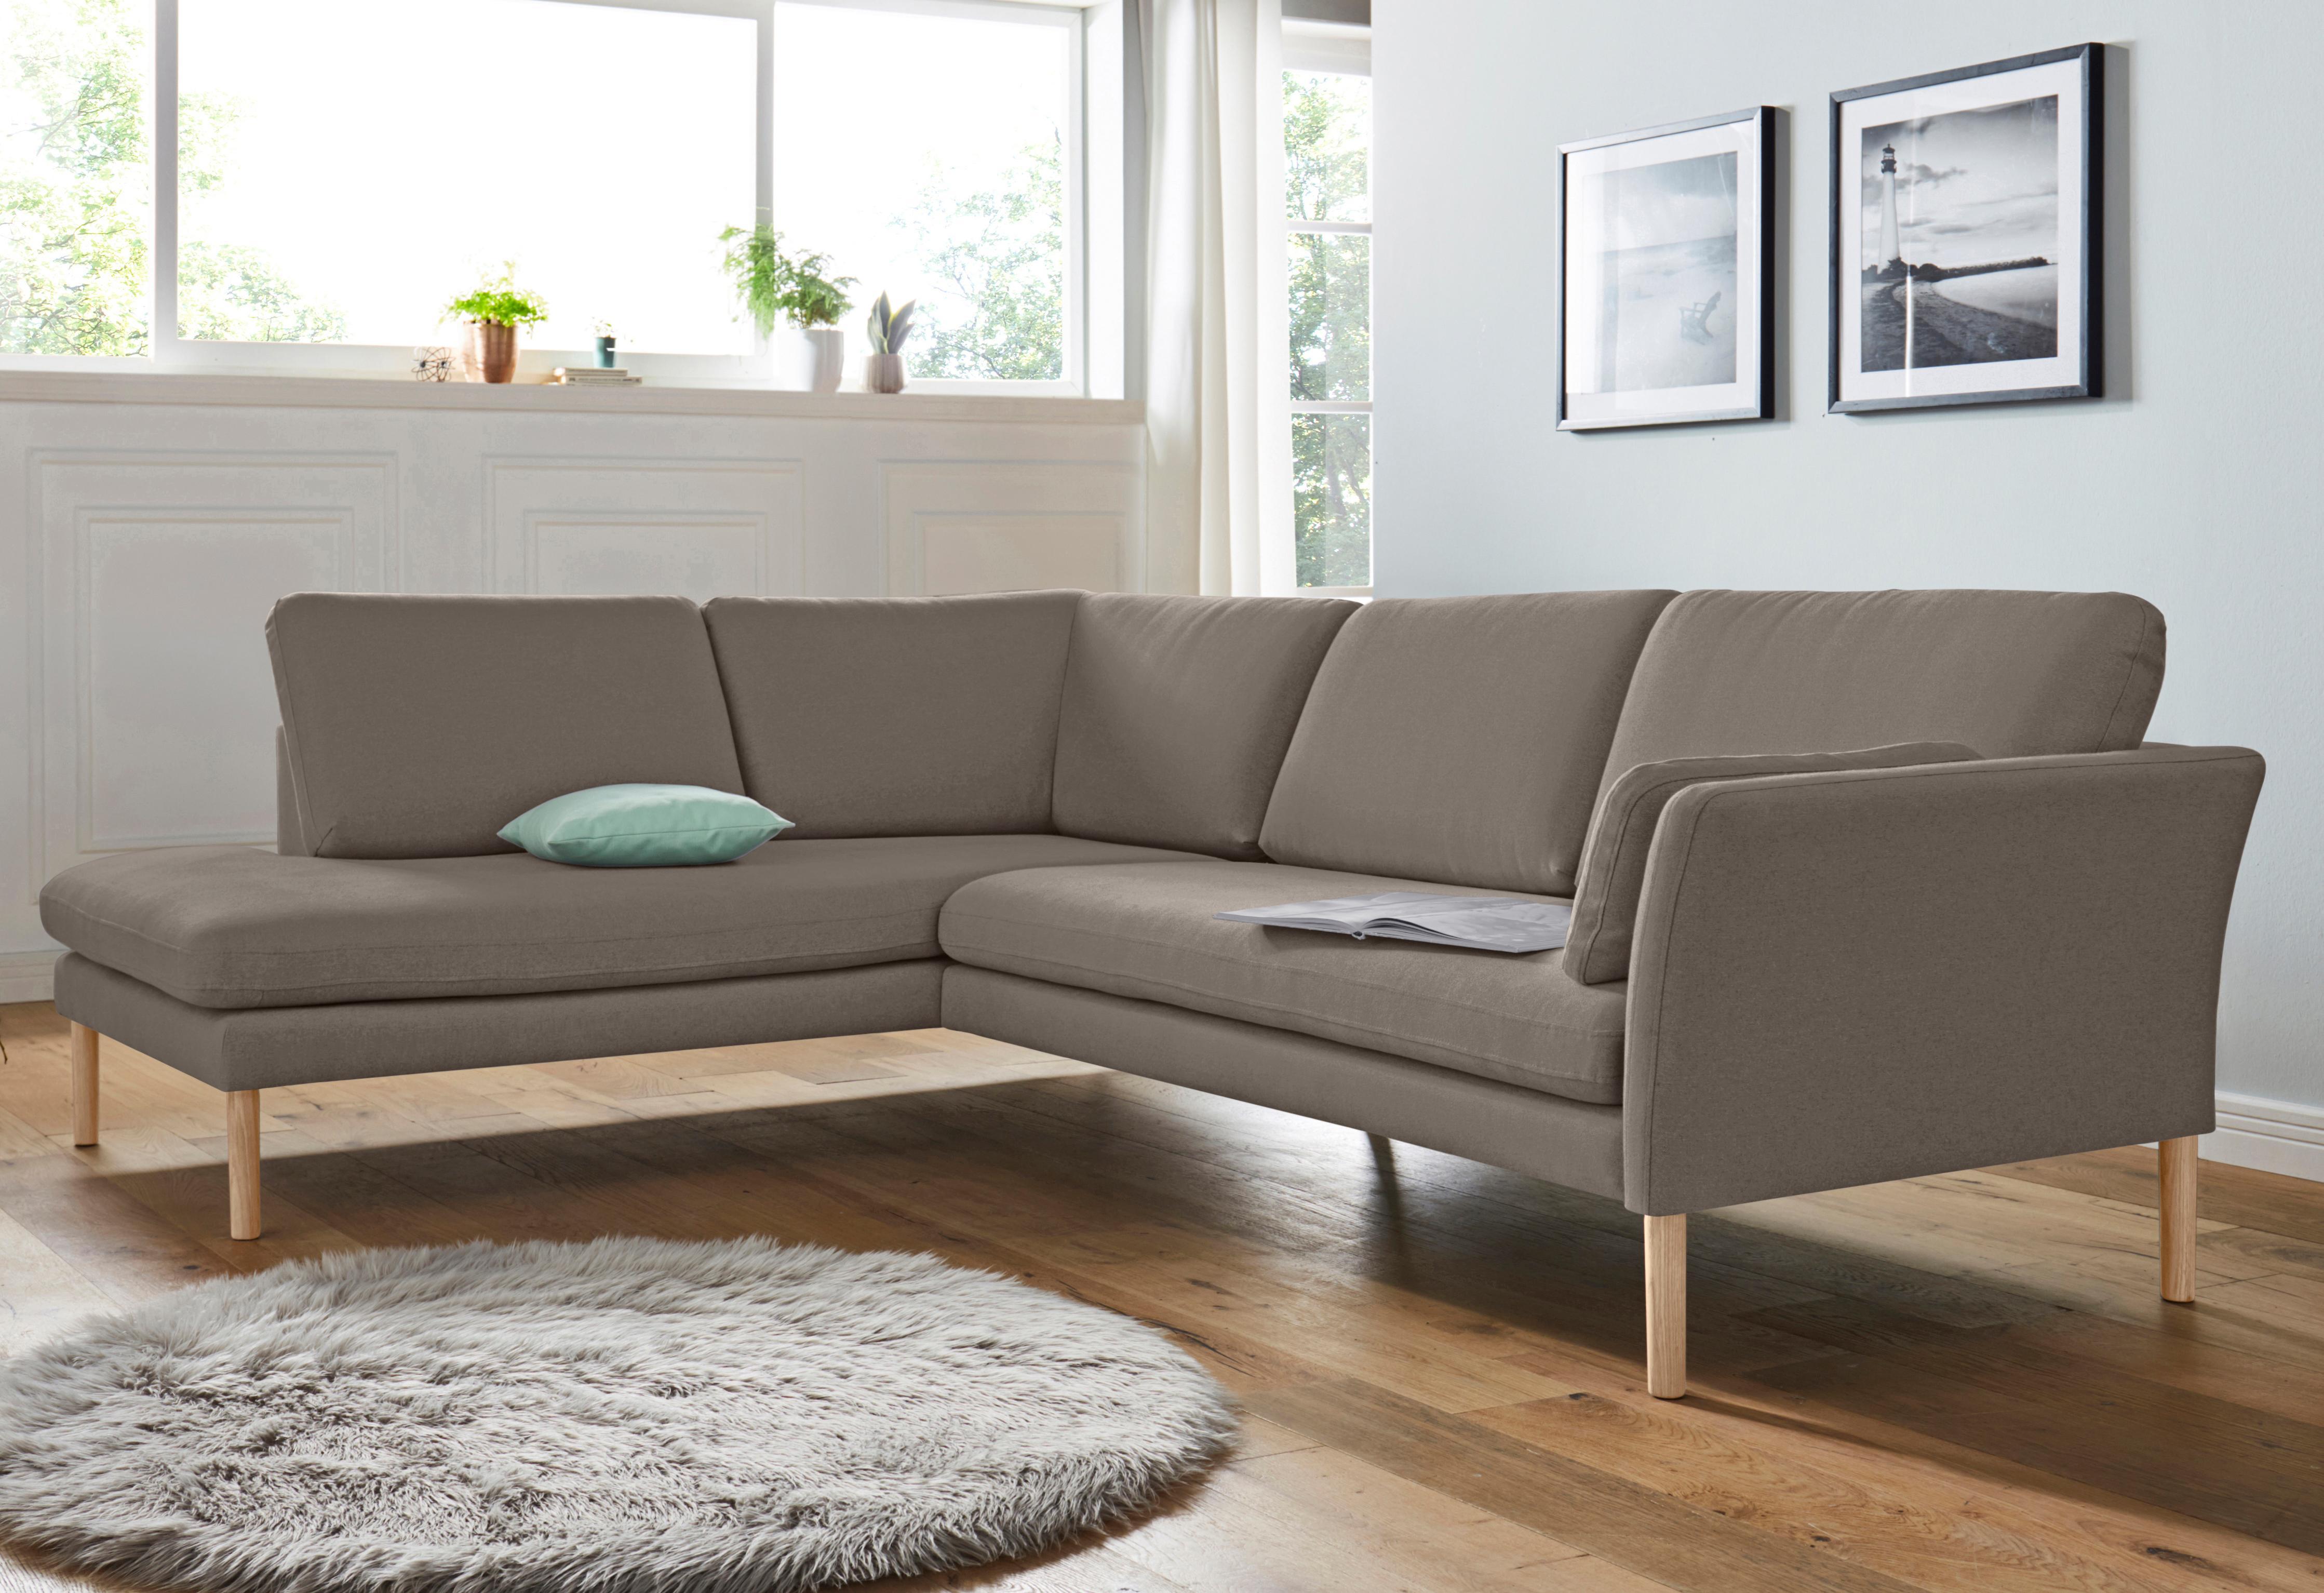 andas Ecksofa mit Ottomanenabschluss Helsingborg im skandinavischem Design in 2 Bezugsqualitäten